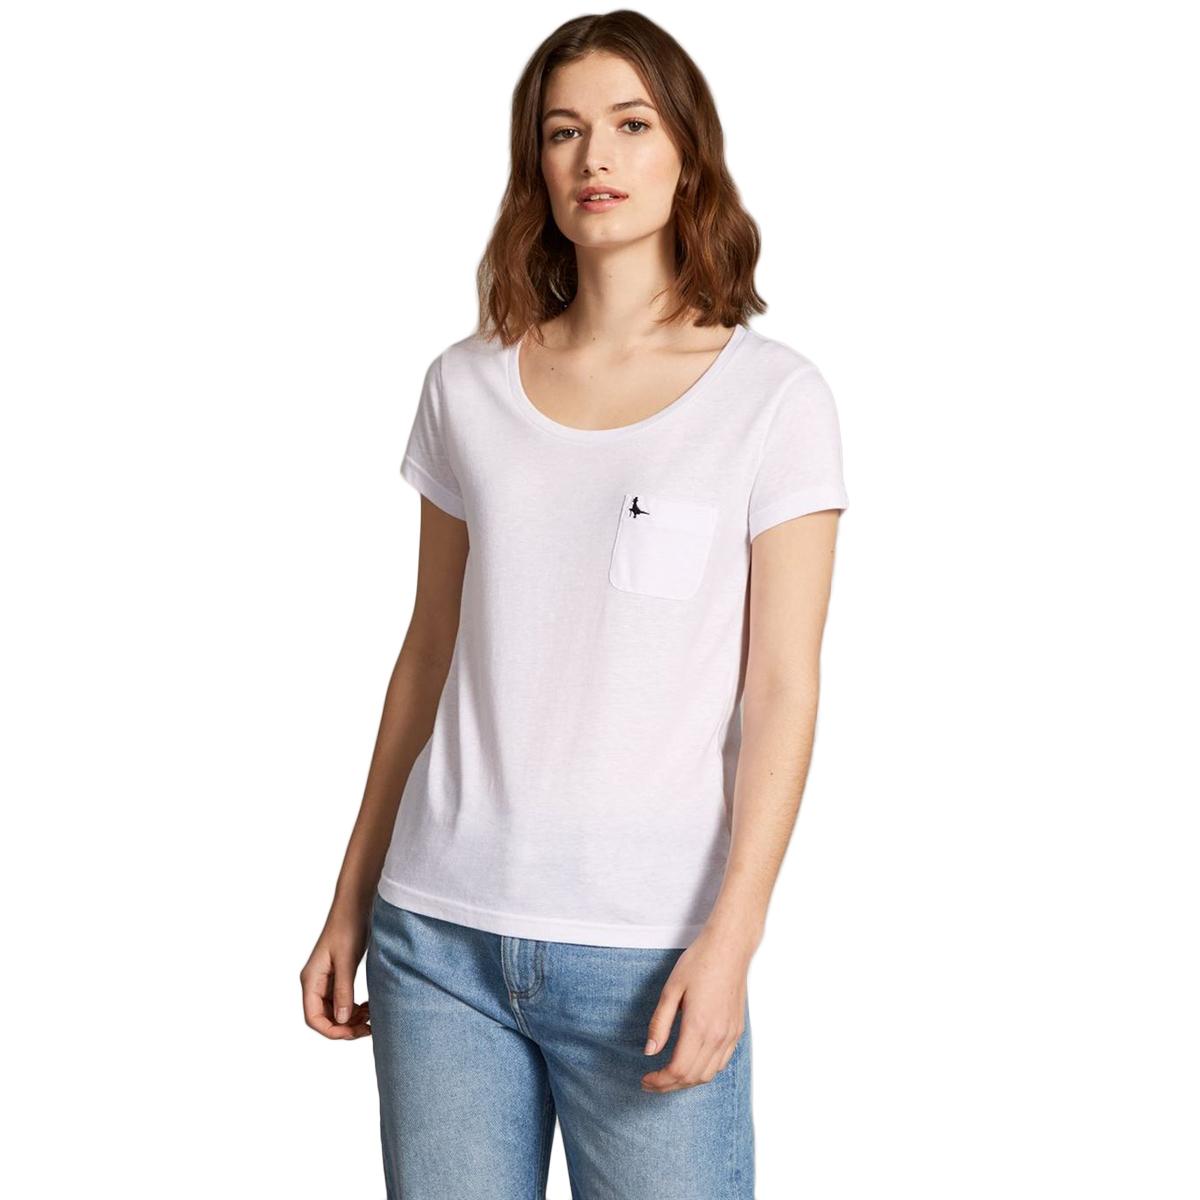 Jack Wills Women's Fullford Short-Sleeve Tee - White, 12